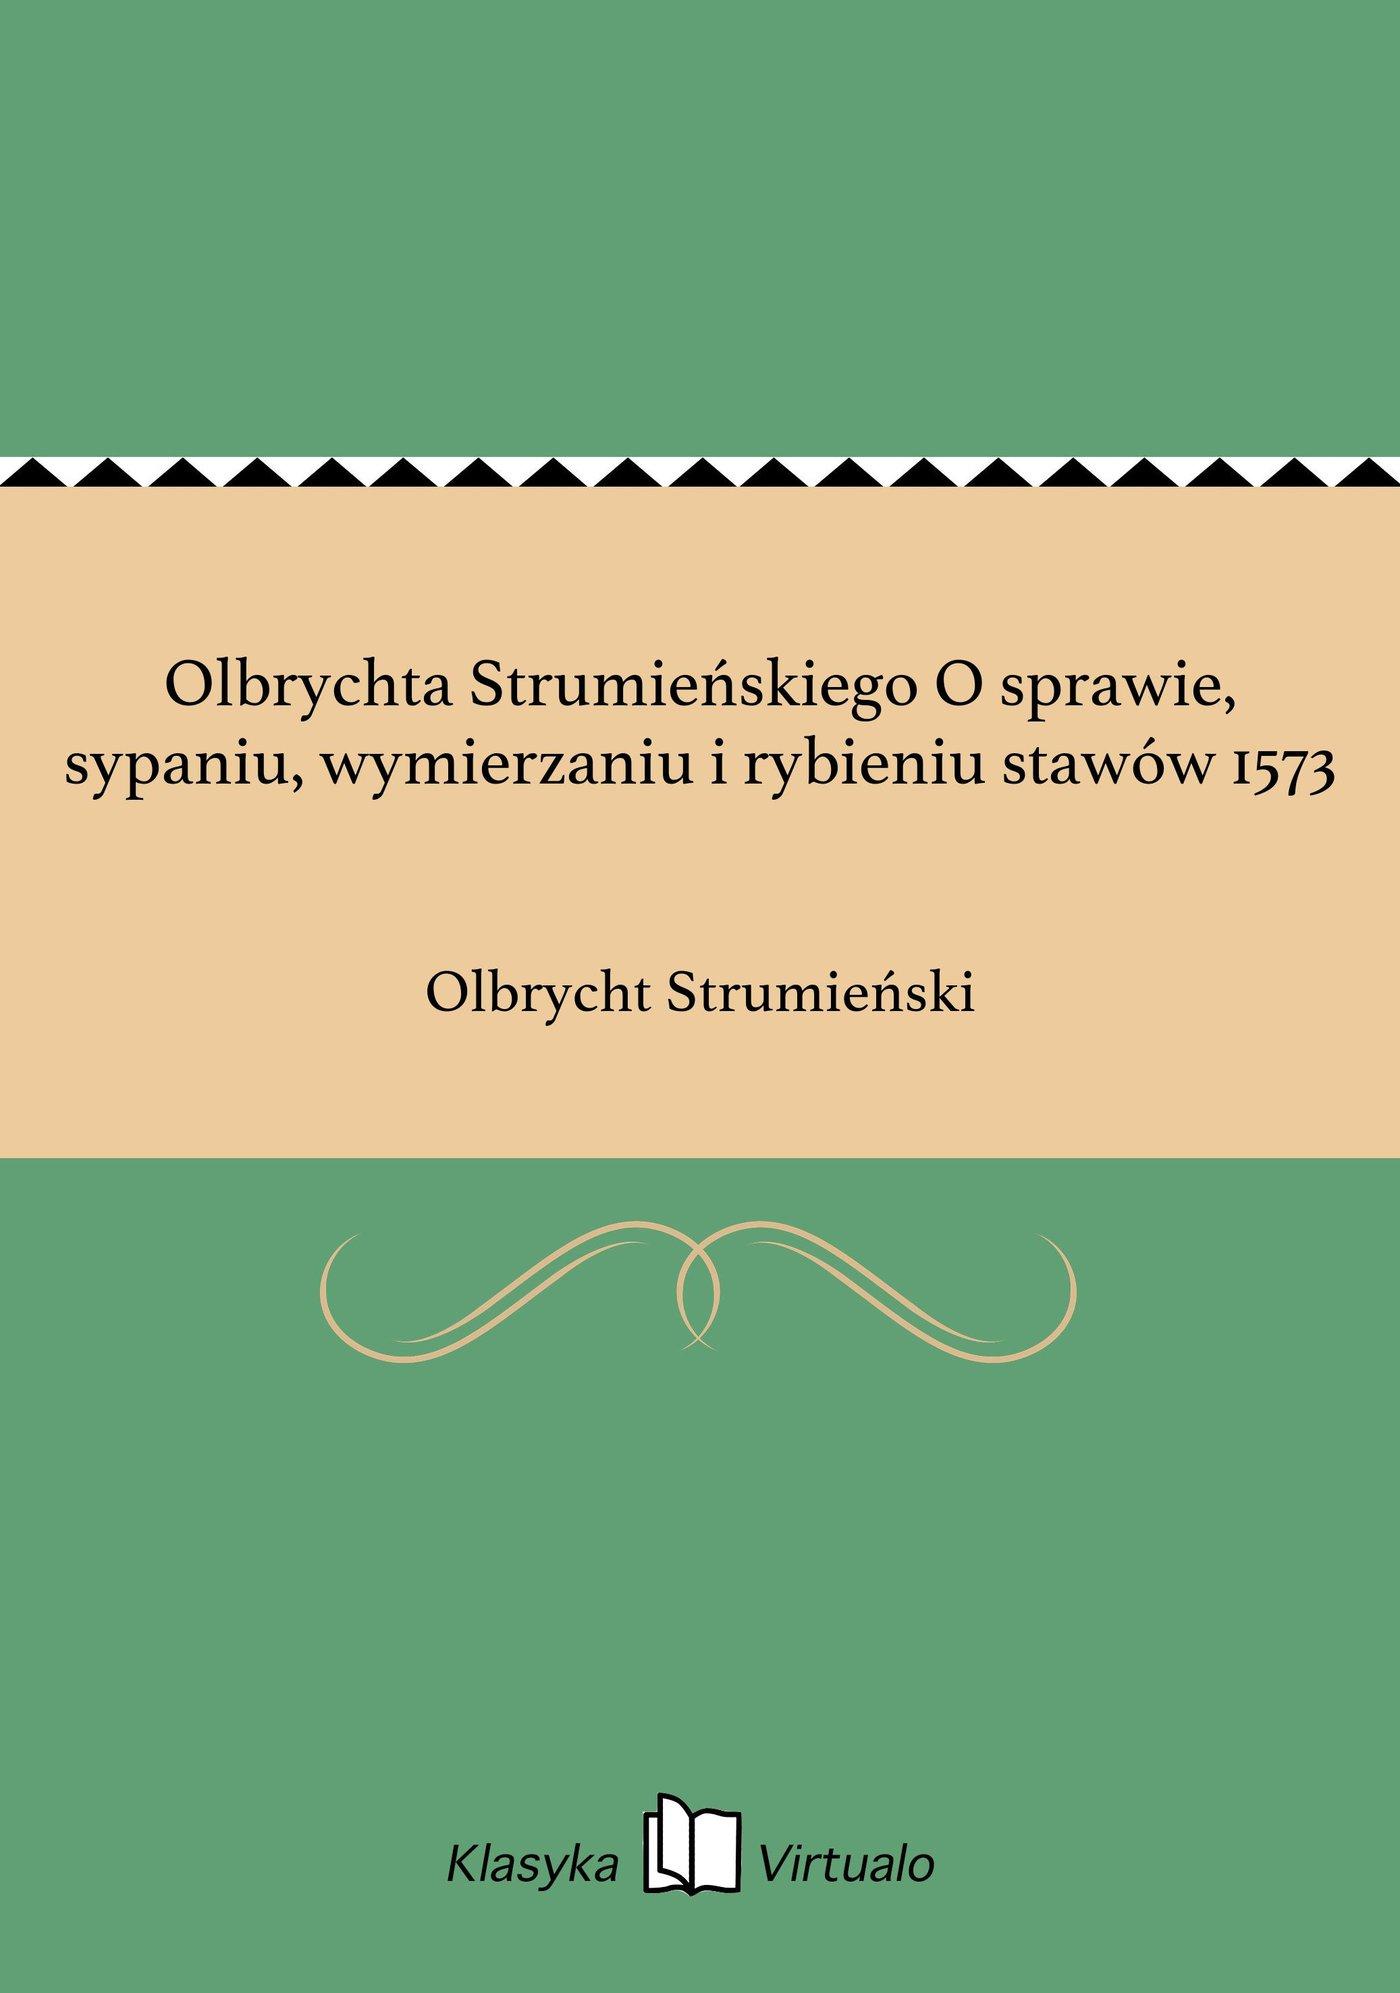 Olbrychta Strumieńskiego O sprawie, sypaniu, wymierzaniu i rybieniu stawów 1573 - Ebook (Książka EPUB) do pobrania w formacie EPUB